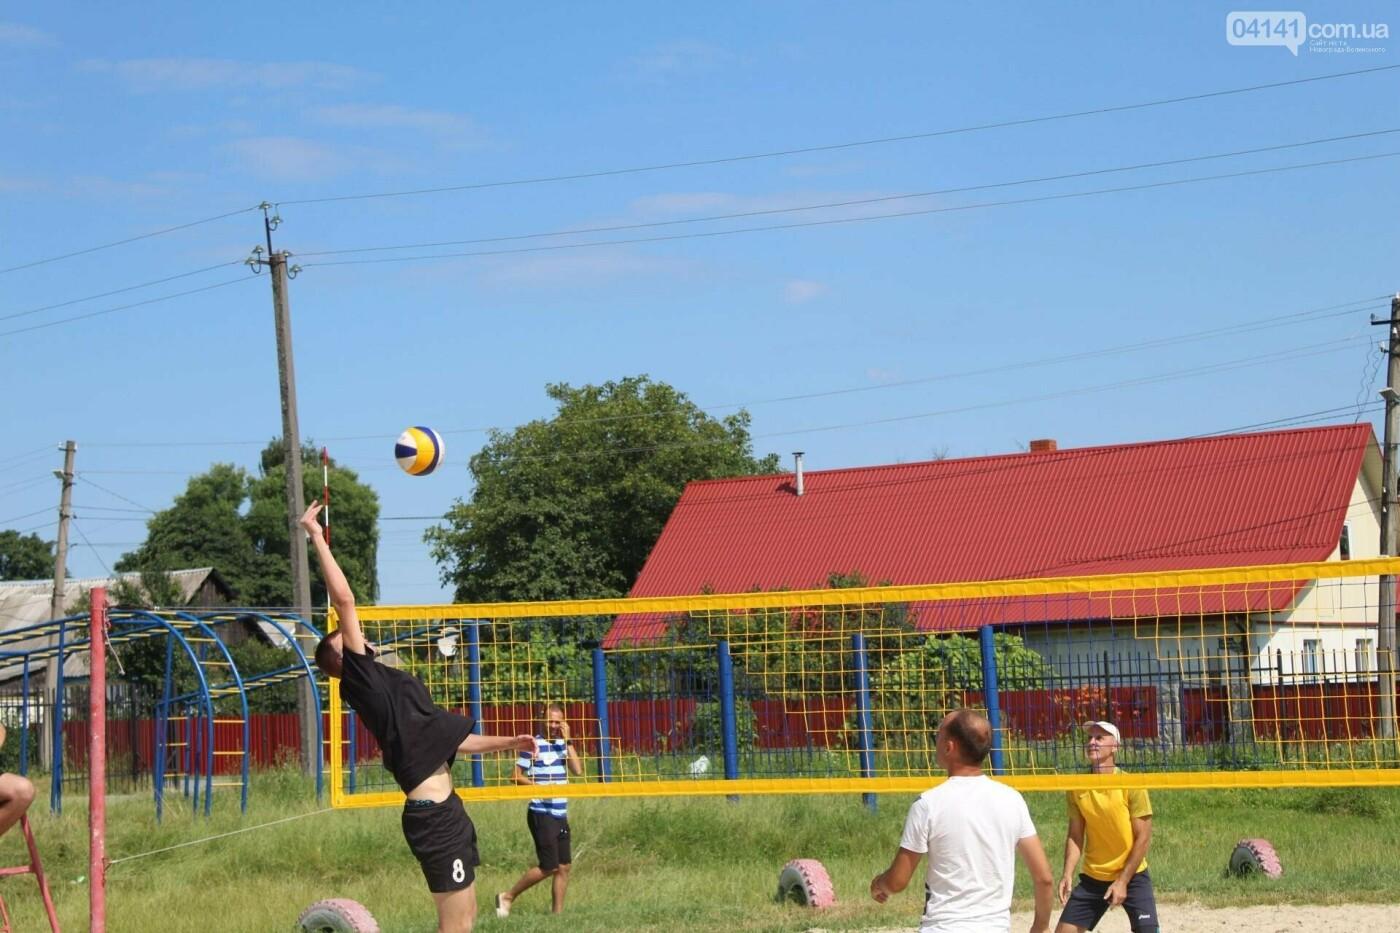 У Новограді-Волинському відбувся турнір з пляжного волейболу (ФОТО, ВІДЕО, РЕЗУЛЬТАТИ), фото-2